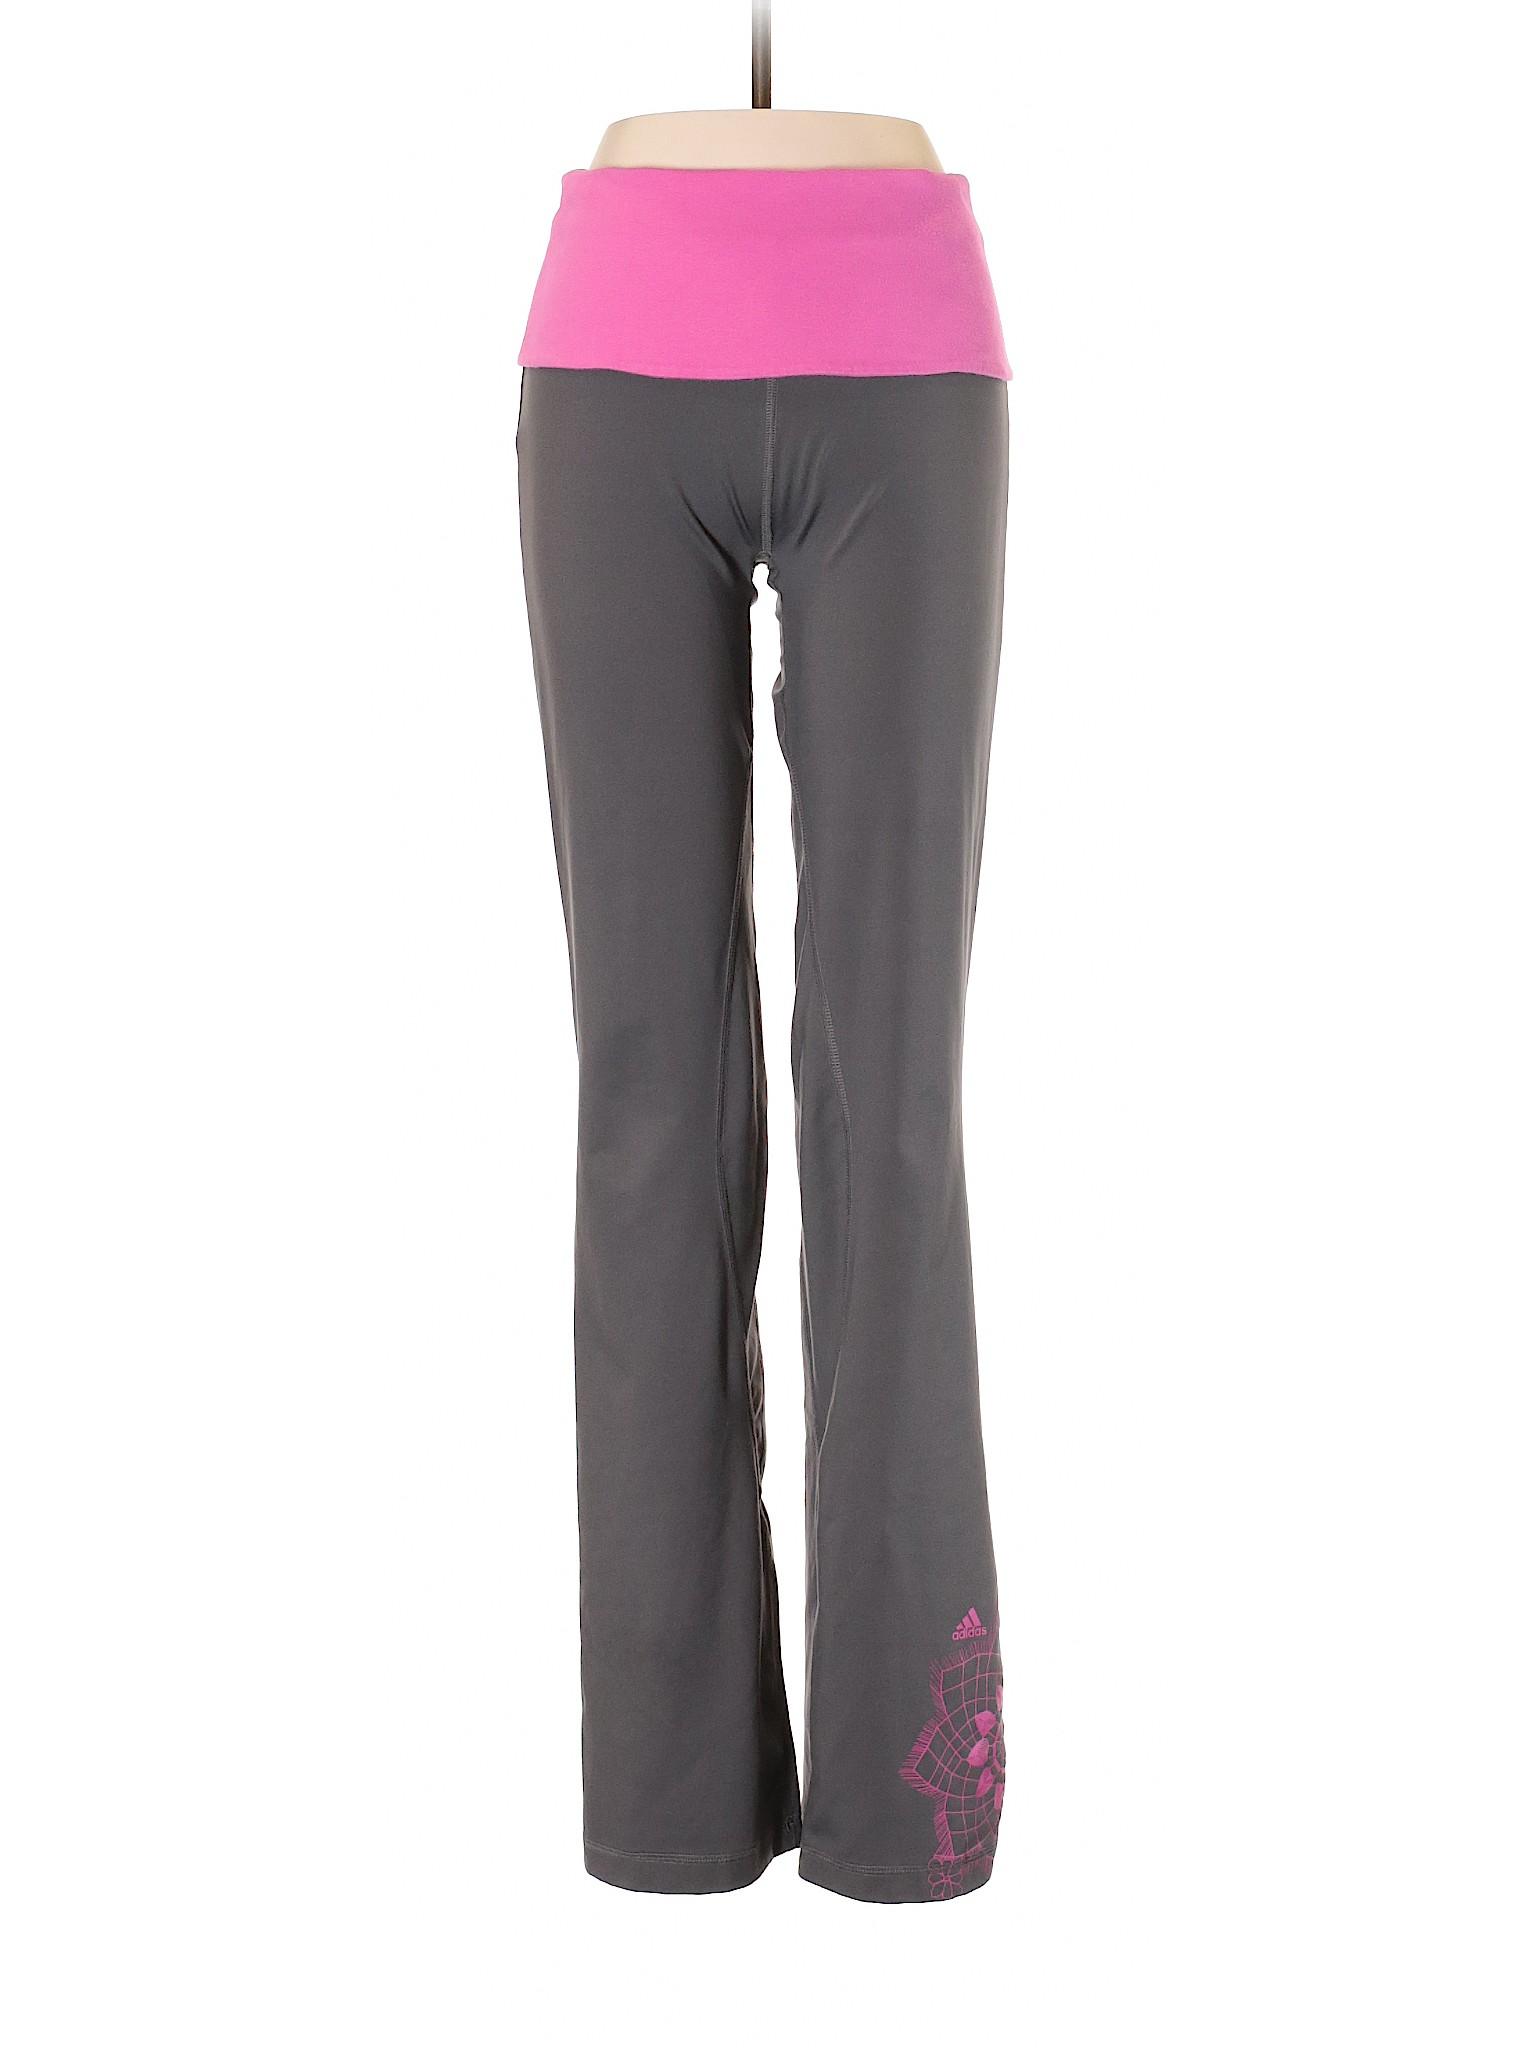 Pants Boutique Boutique winter winter Adidas Active qXU6W1w